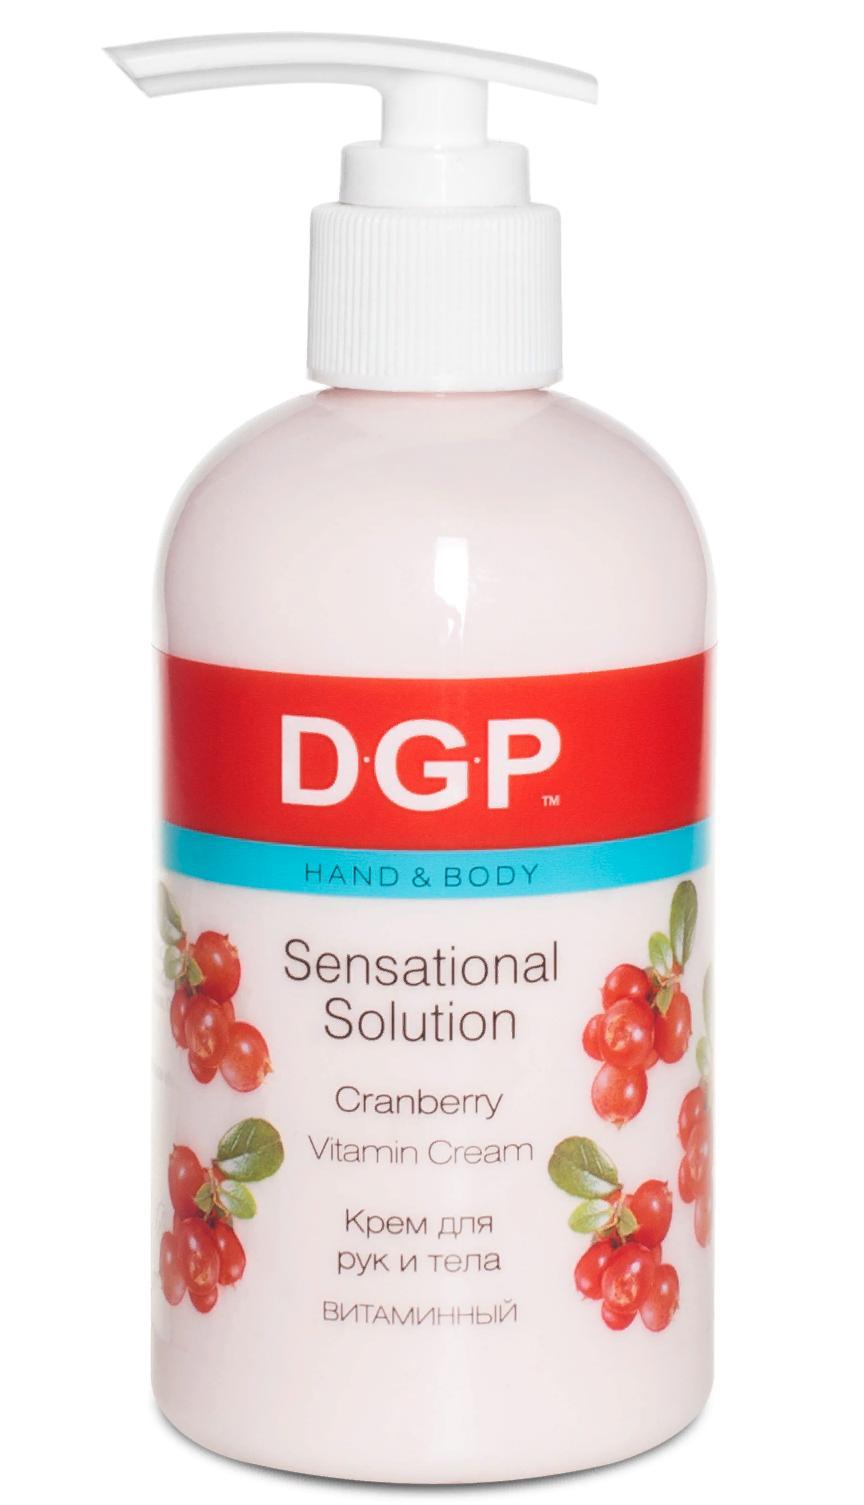 DOMIX Крем витаминный для рук и тела / Sensational Solution DGP 260 мл